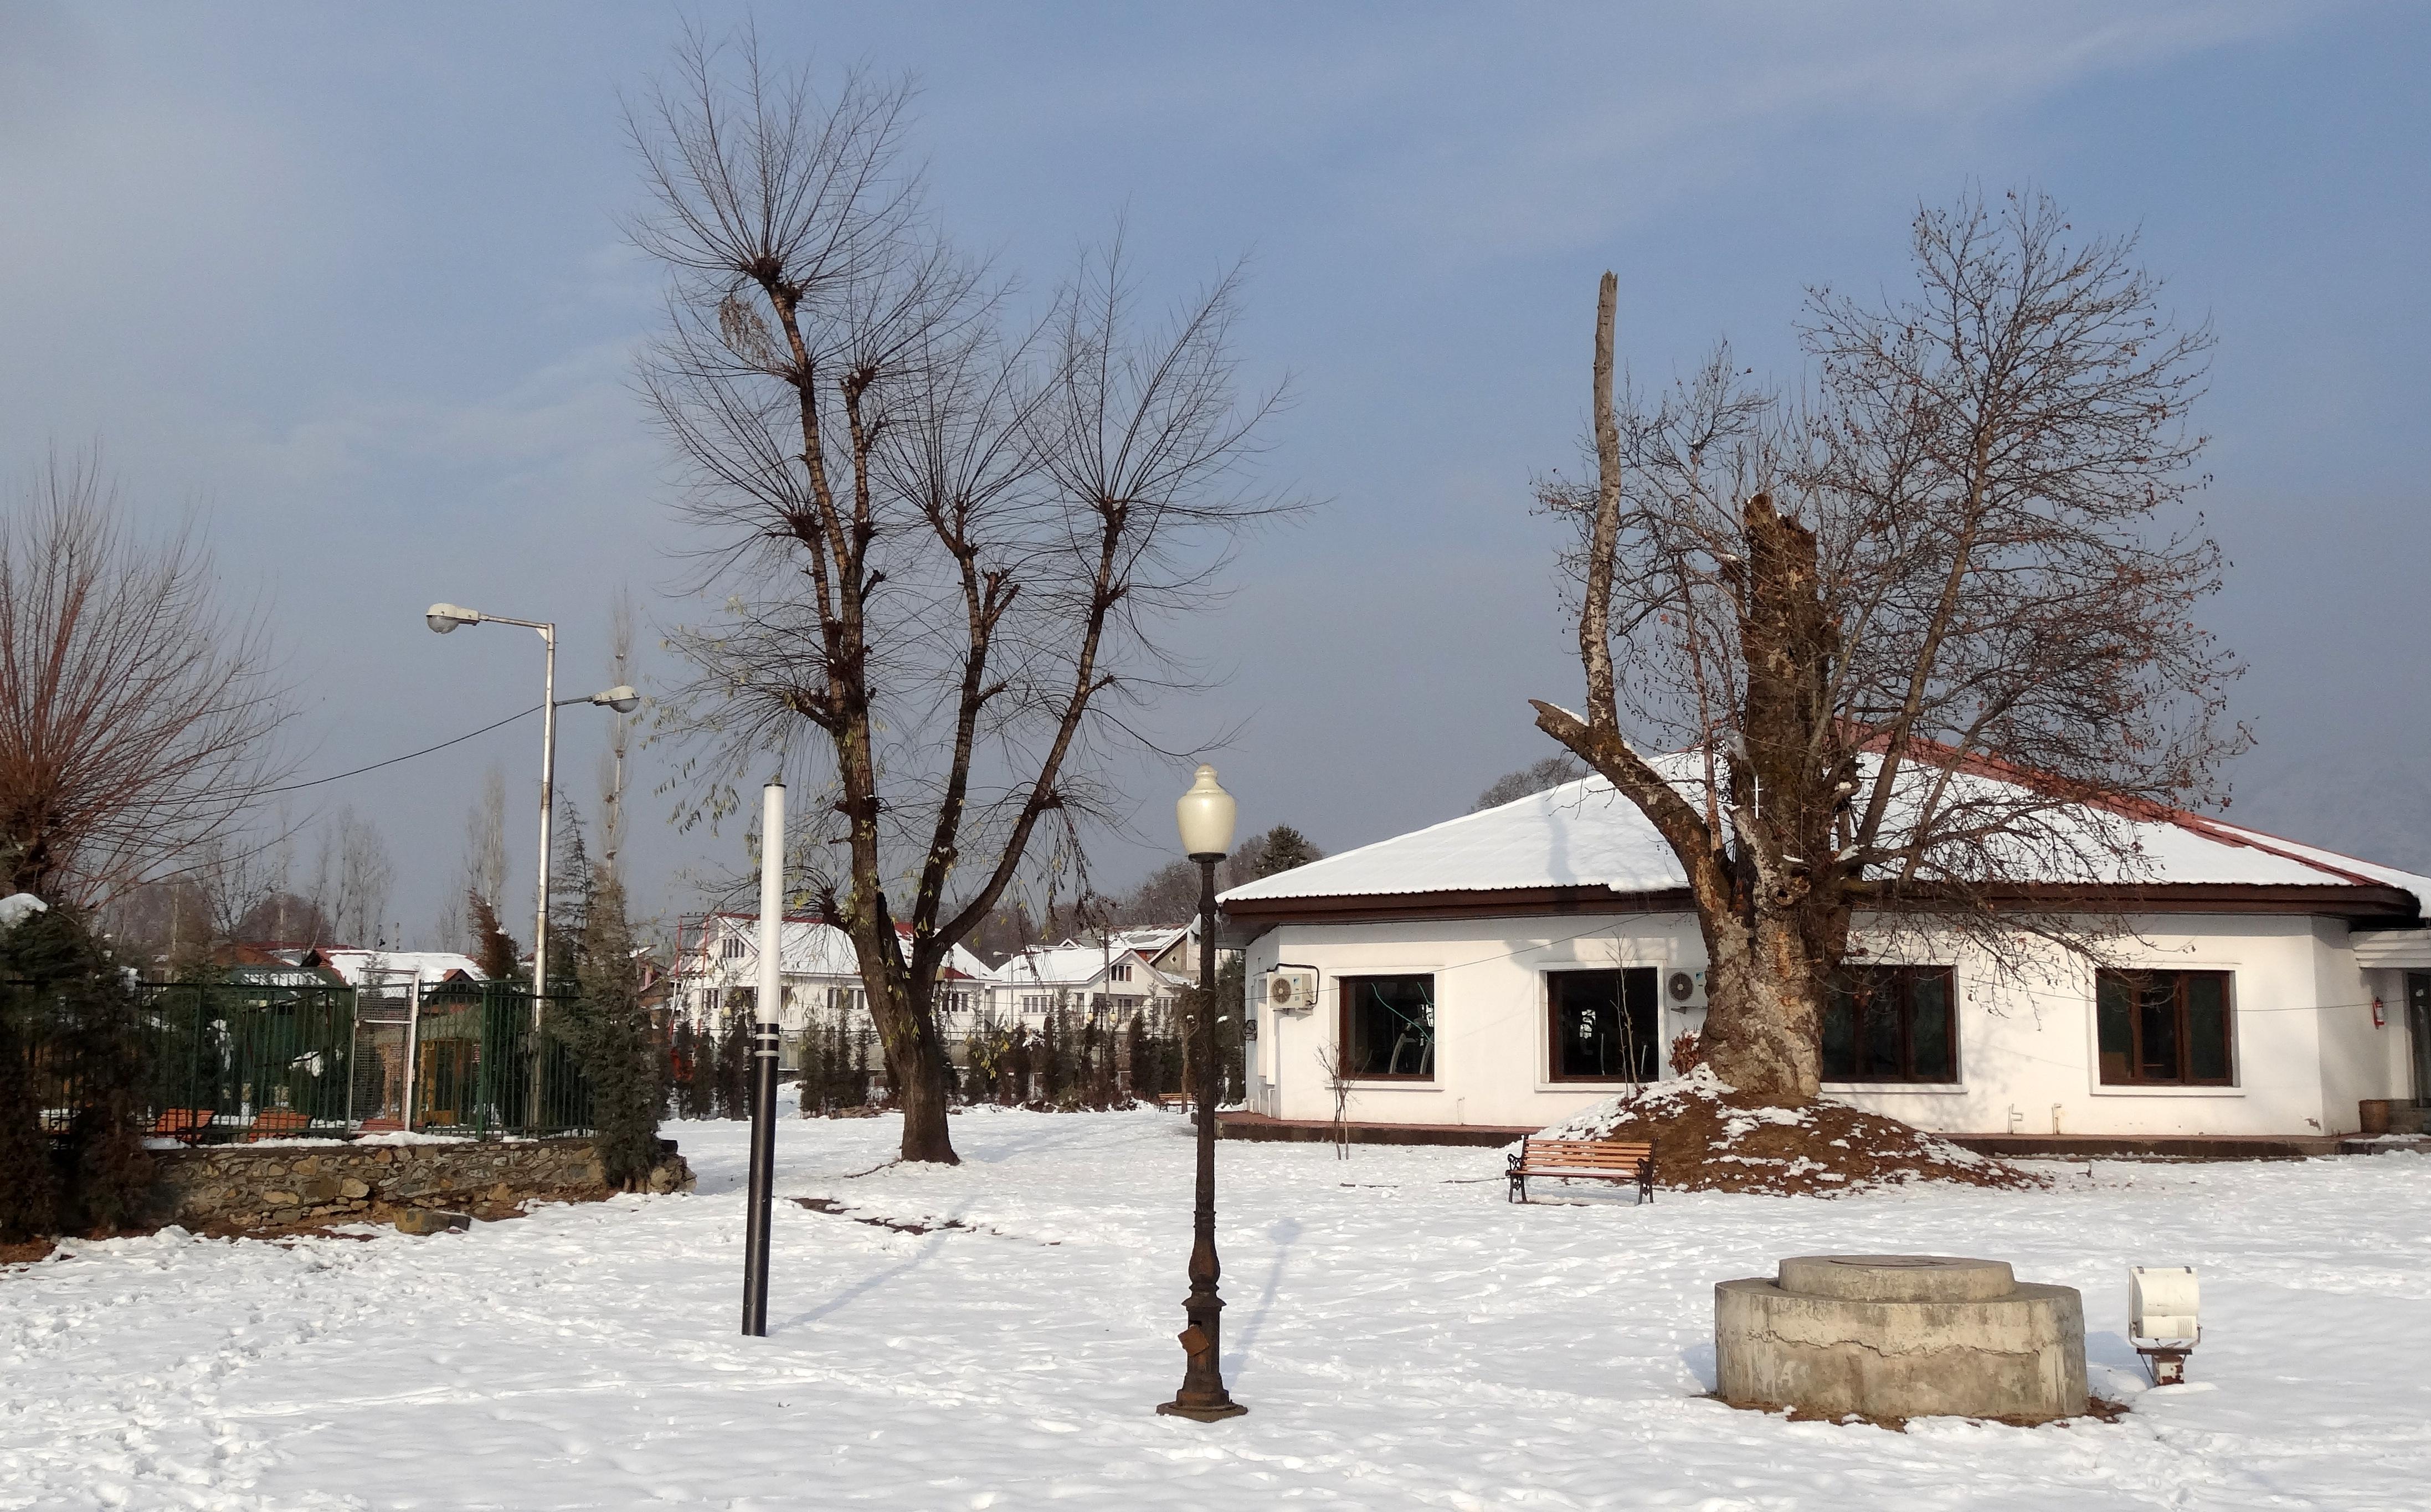 Kashmir in winter is snow filled